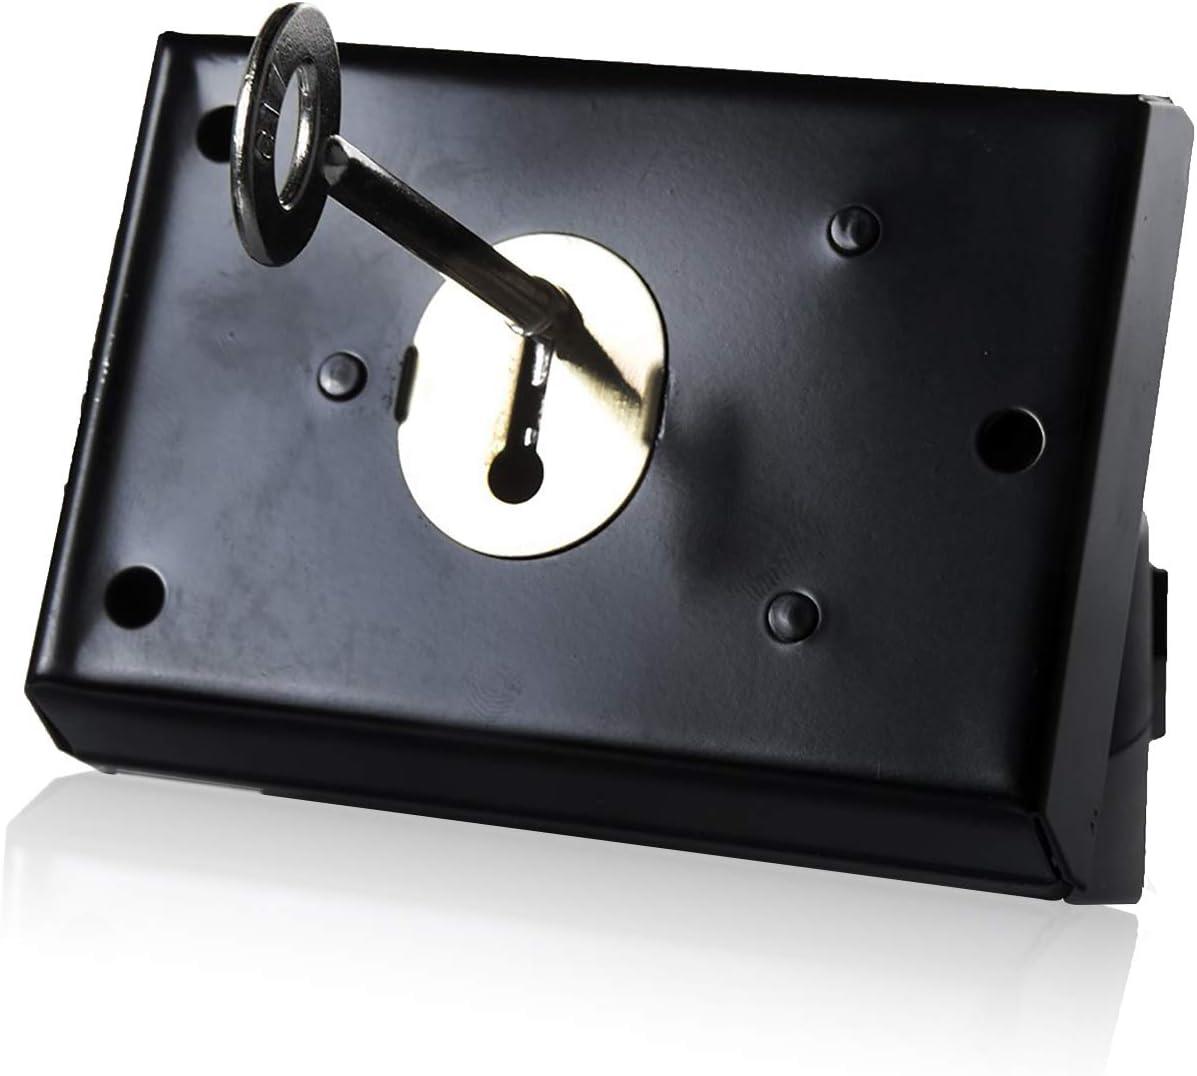 Cerradura de rueda XFORT®, cerradura de rueda de montaje superficial con cerradura de llave, acabado negro liso anticorrosivo y diseño resistente a la intemperie, puertas exteriores de madera (100mm)